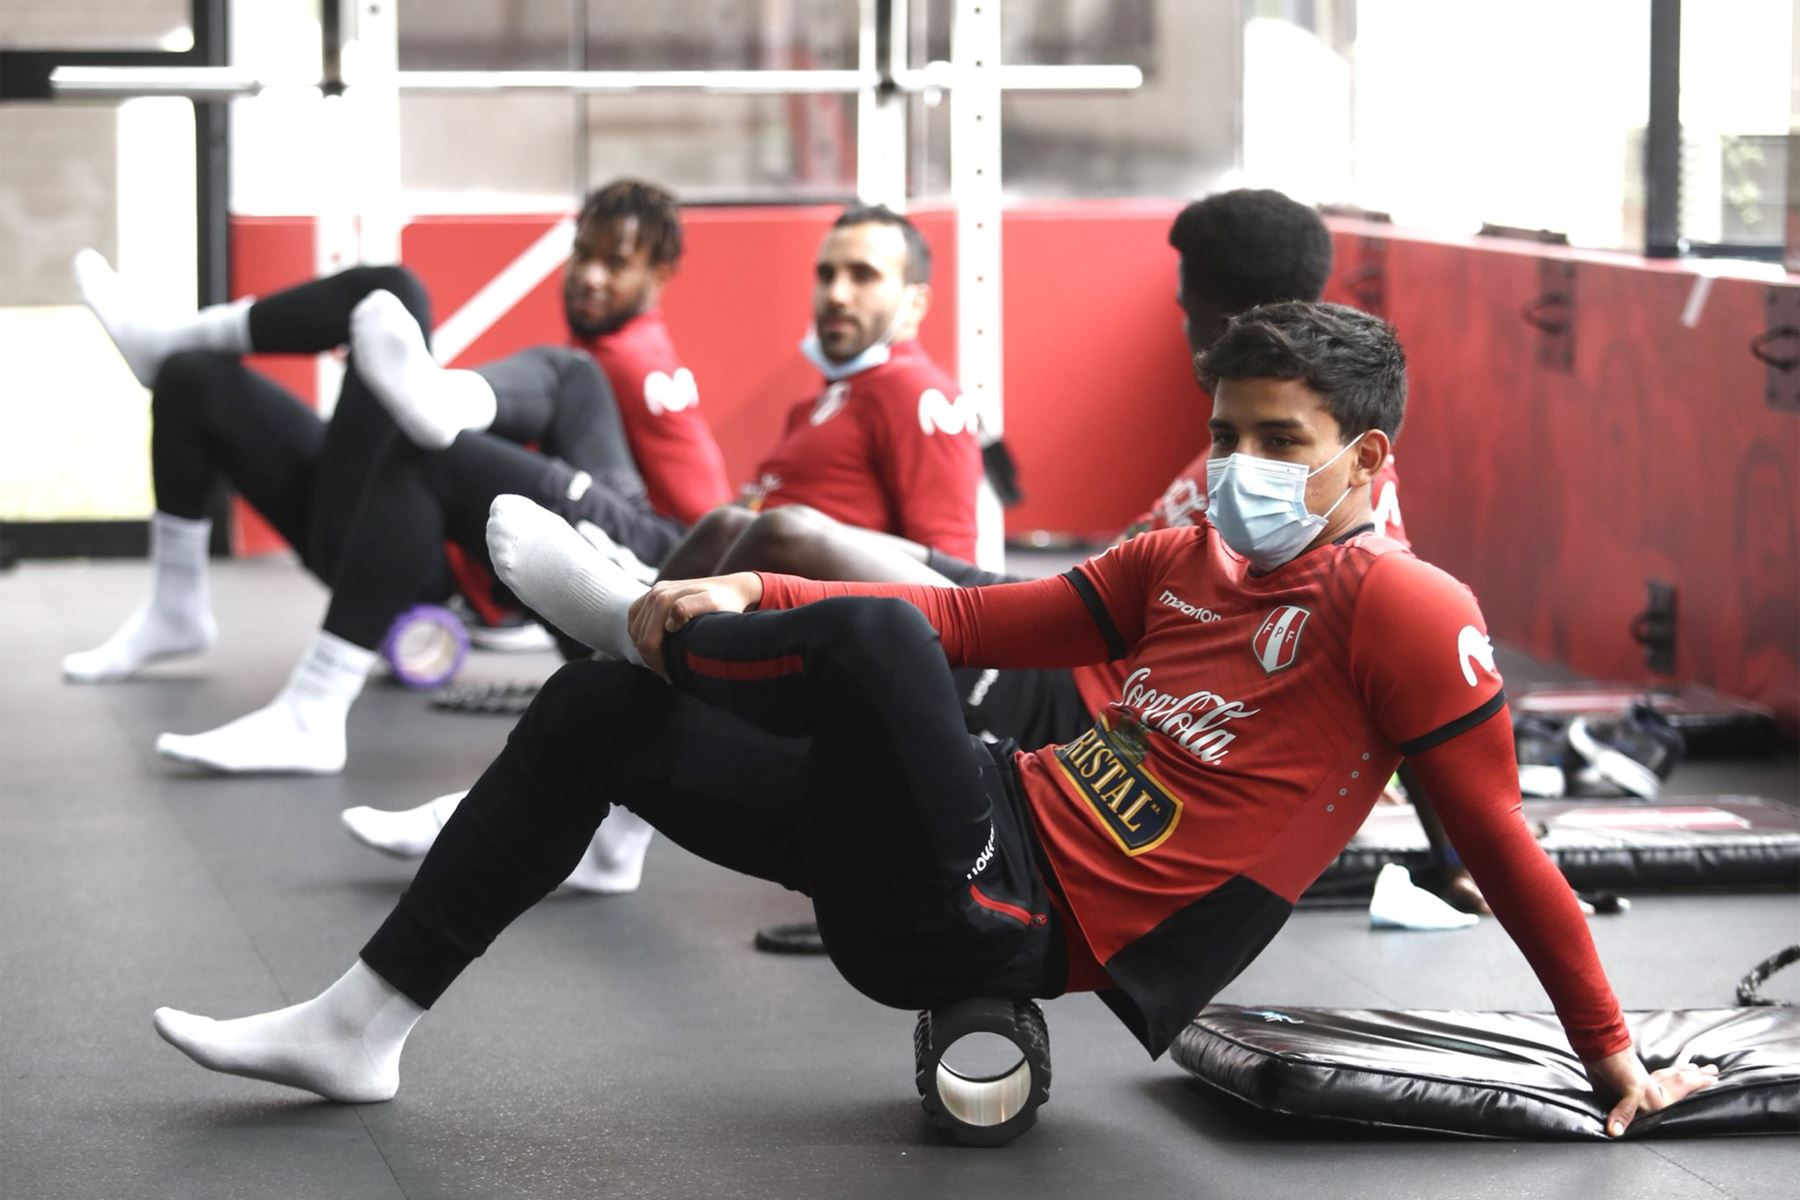 Integrantes de la Selección Peruana , inician los entrenamientos con miras a la próxima fecha triple de las Clasificatorias al Mundial Qatar 2022. En la foto, Jhilmar Lora . Foto: @SeleccionPeru